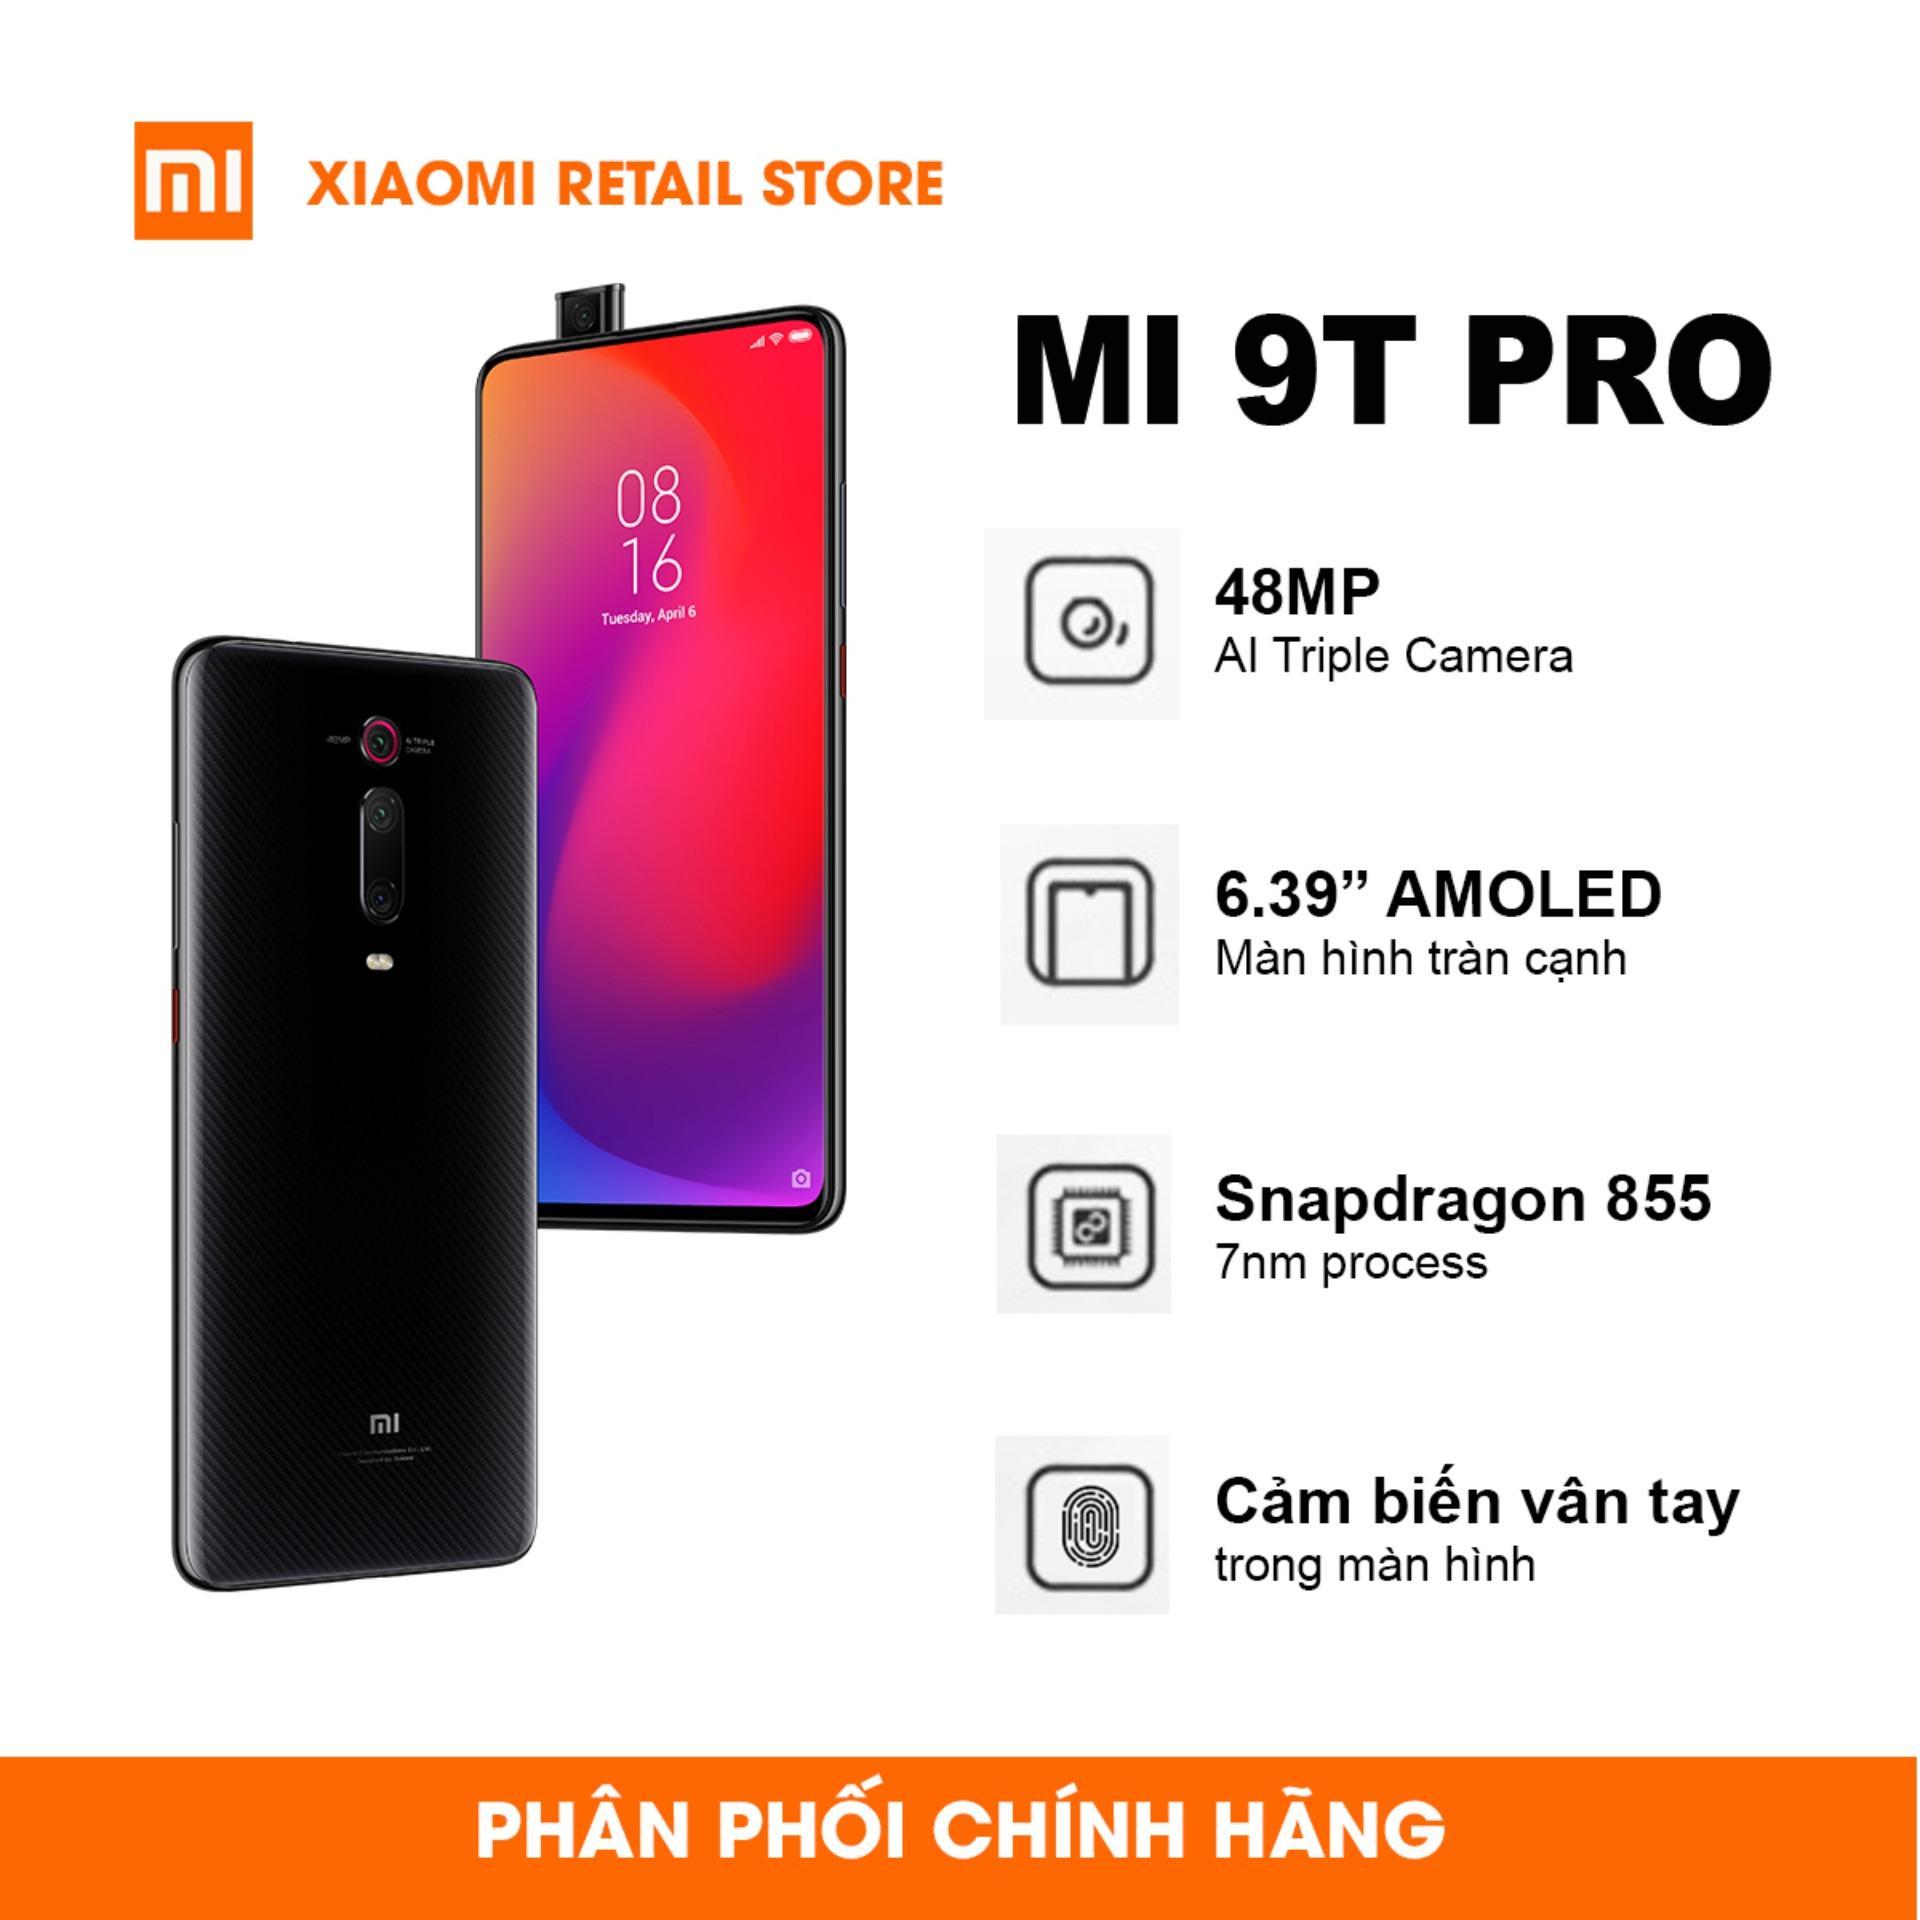 TRẢ GÓP 0% - Điện Thoại Xiaomi Mi 9T Pro (6GB/128GB) - Chip khủng Snapdragon 855 Chơi Game Siêu Mượt, camera 48 Megapixel AI sắc nét, Sạc nhanh siêu đẳng